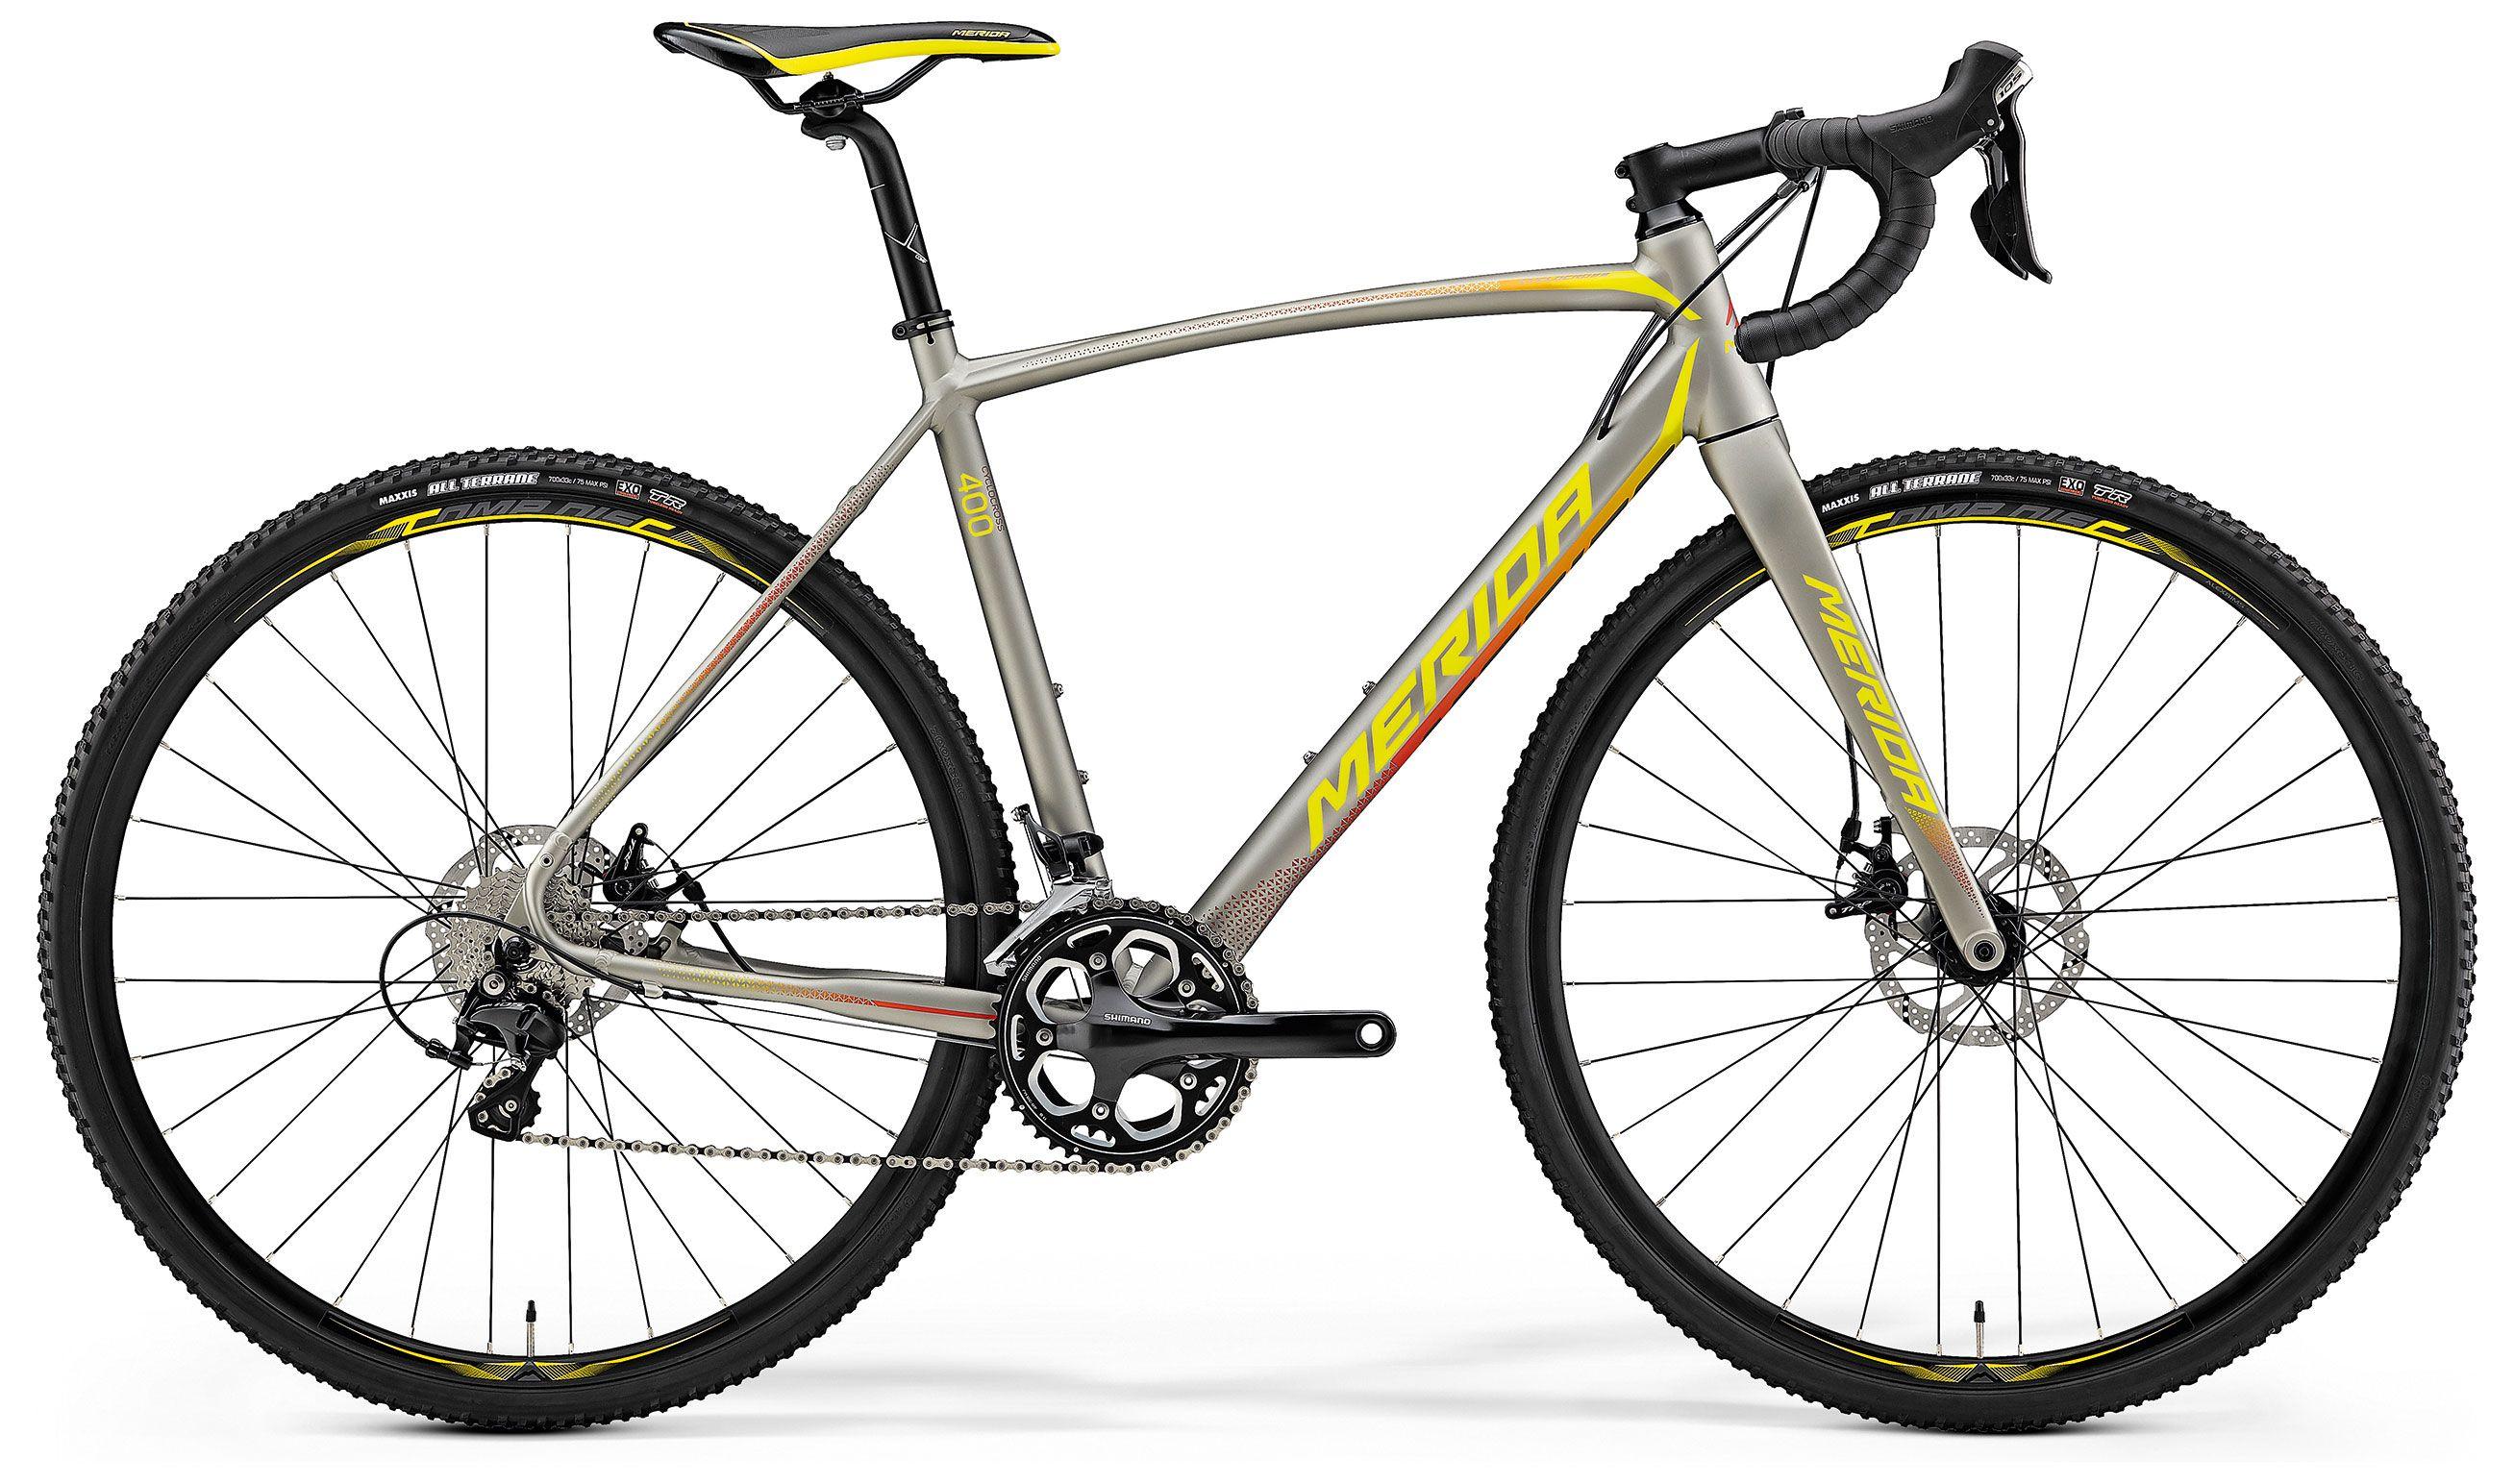 Велосипед Merida CycloСross 400 2018,  Шоссейные  - артикул:284888